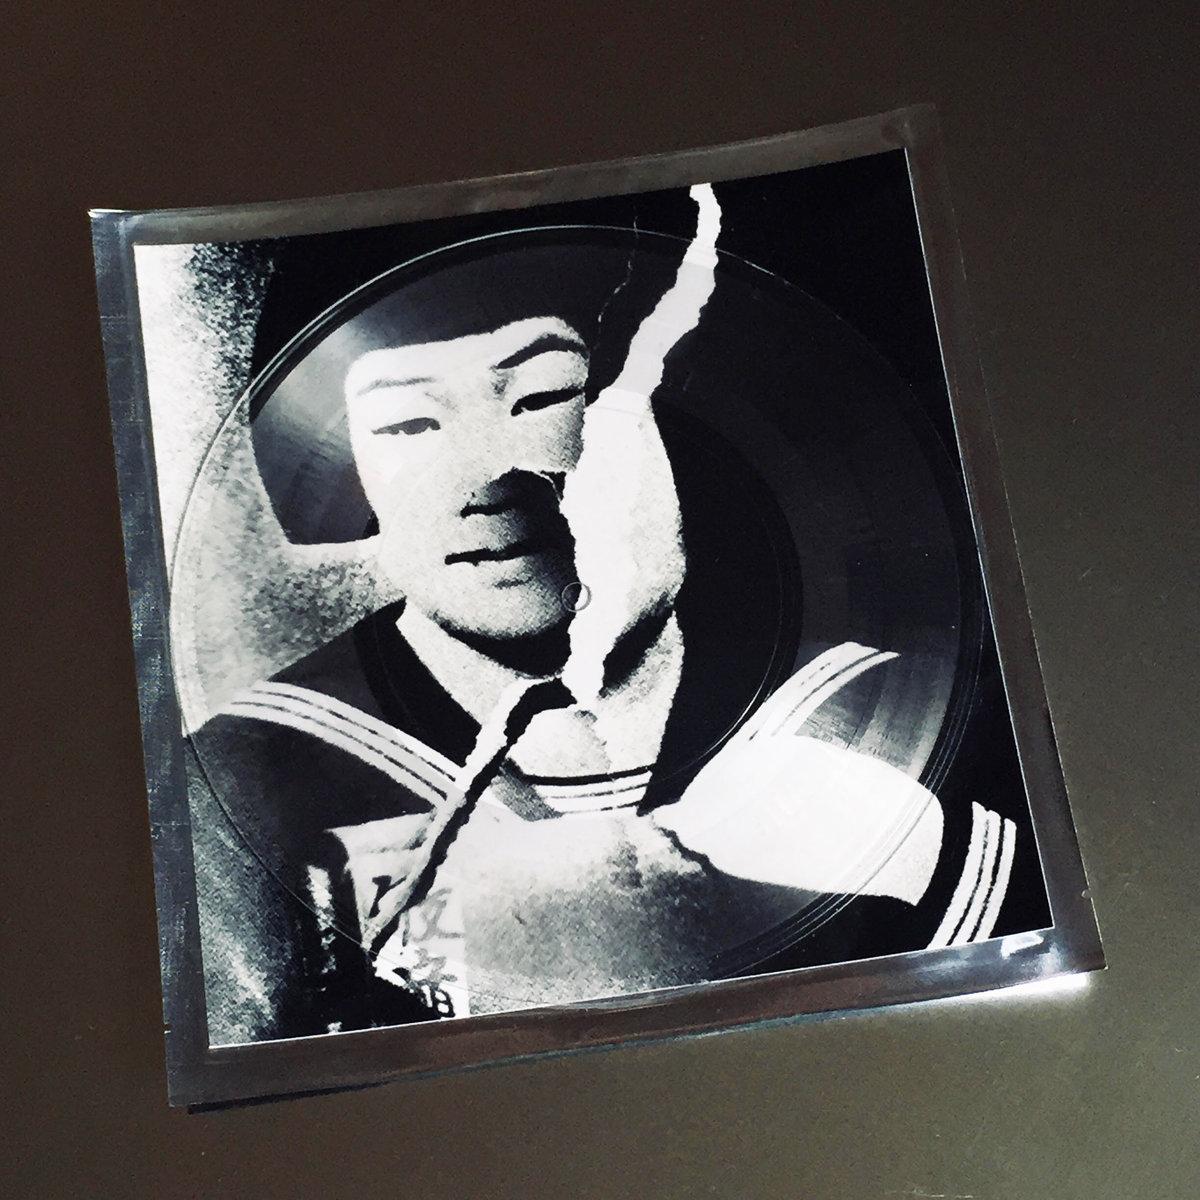 Cemetery album cover